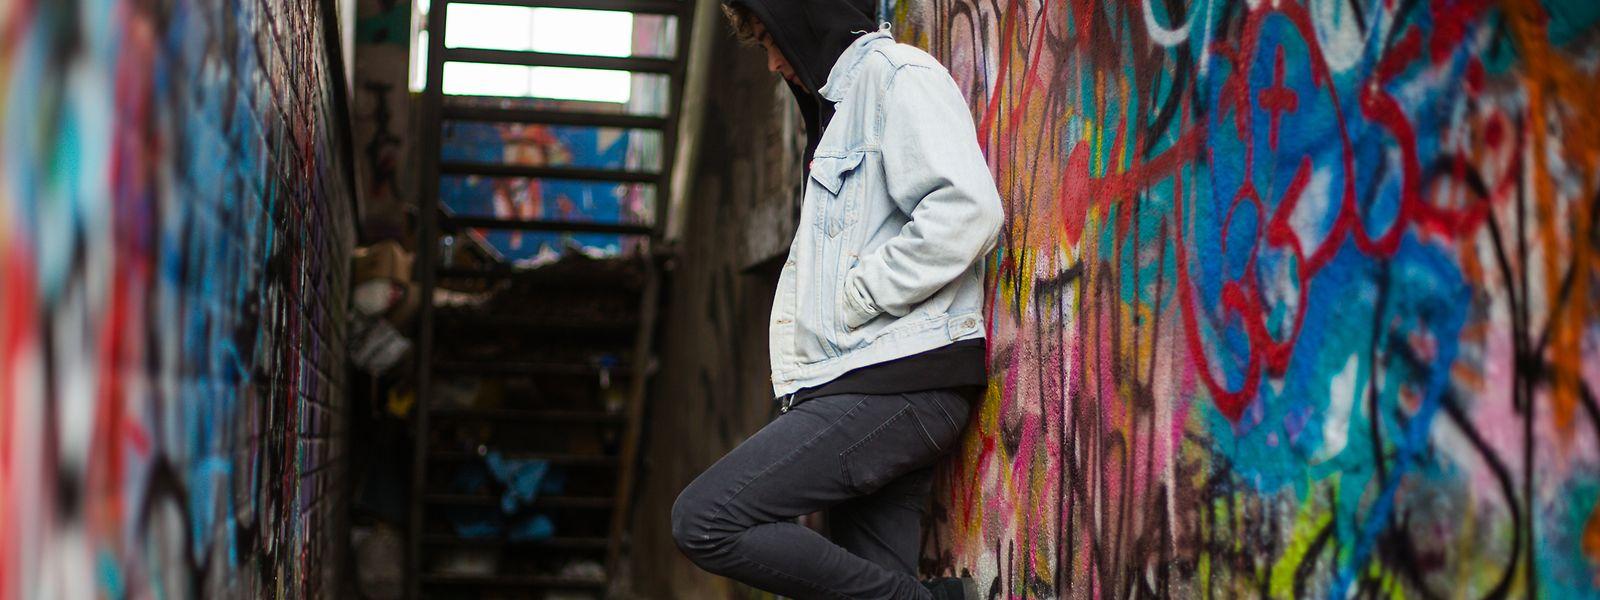 Sechs bis sieben Prozent der Jugendlichen geben einer Studie der Uni Luxemburg nach an, schon einen Suizid versucht zu haben.